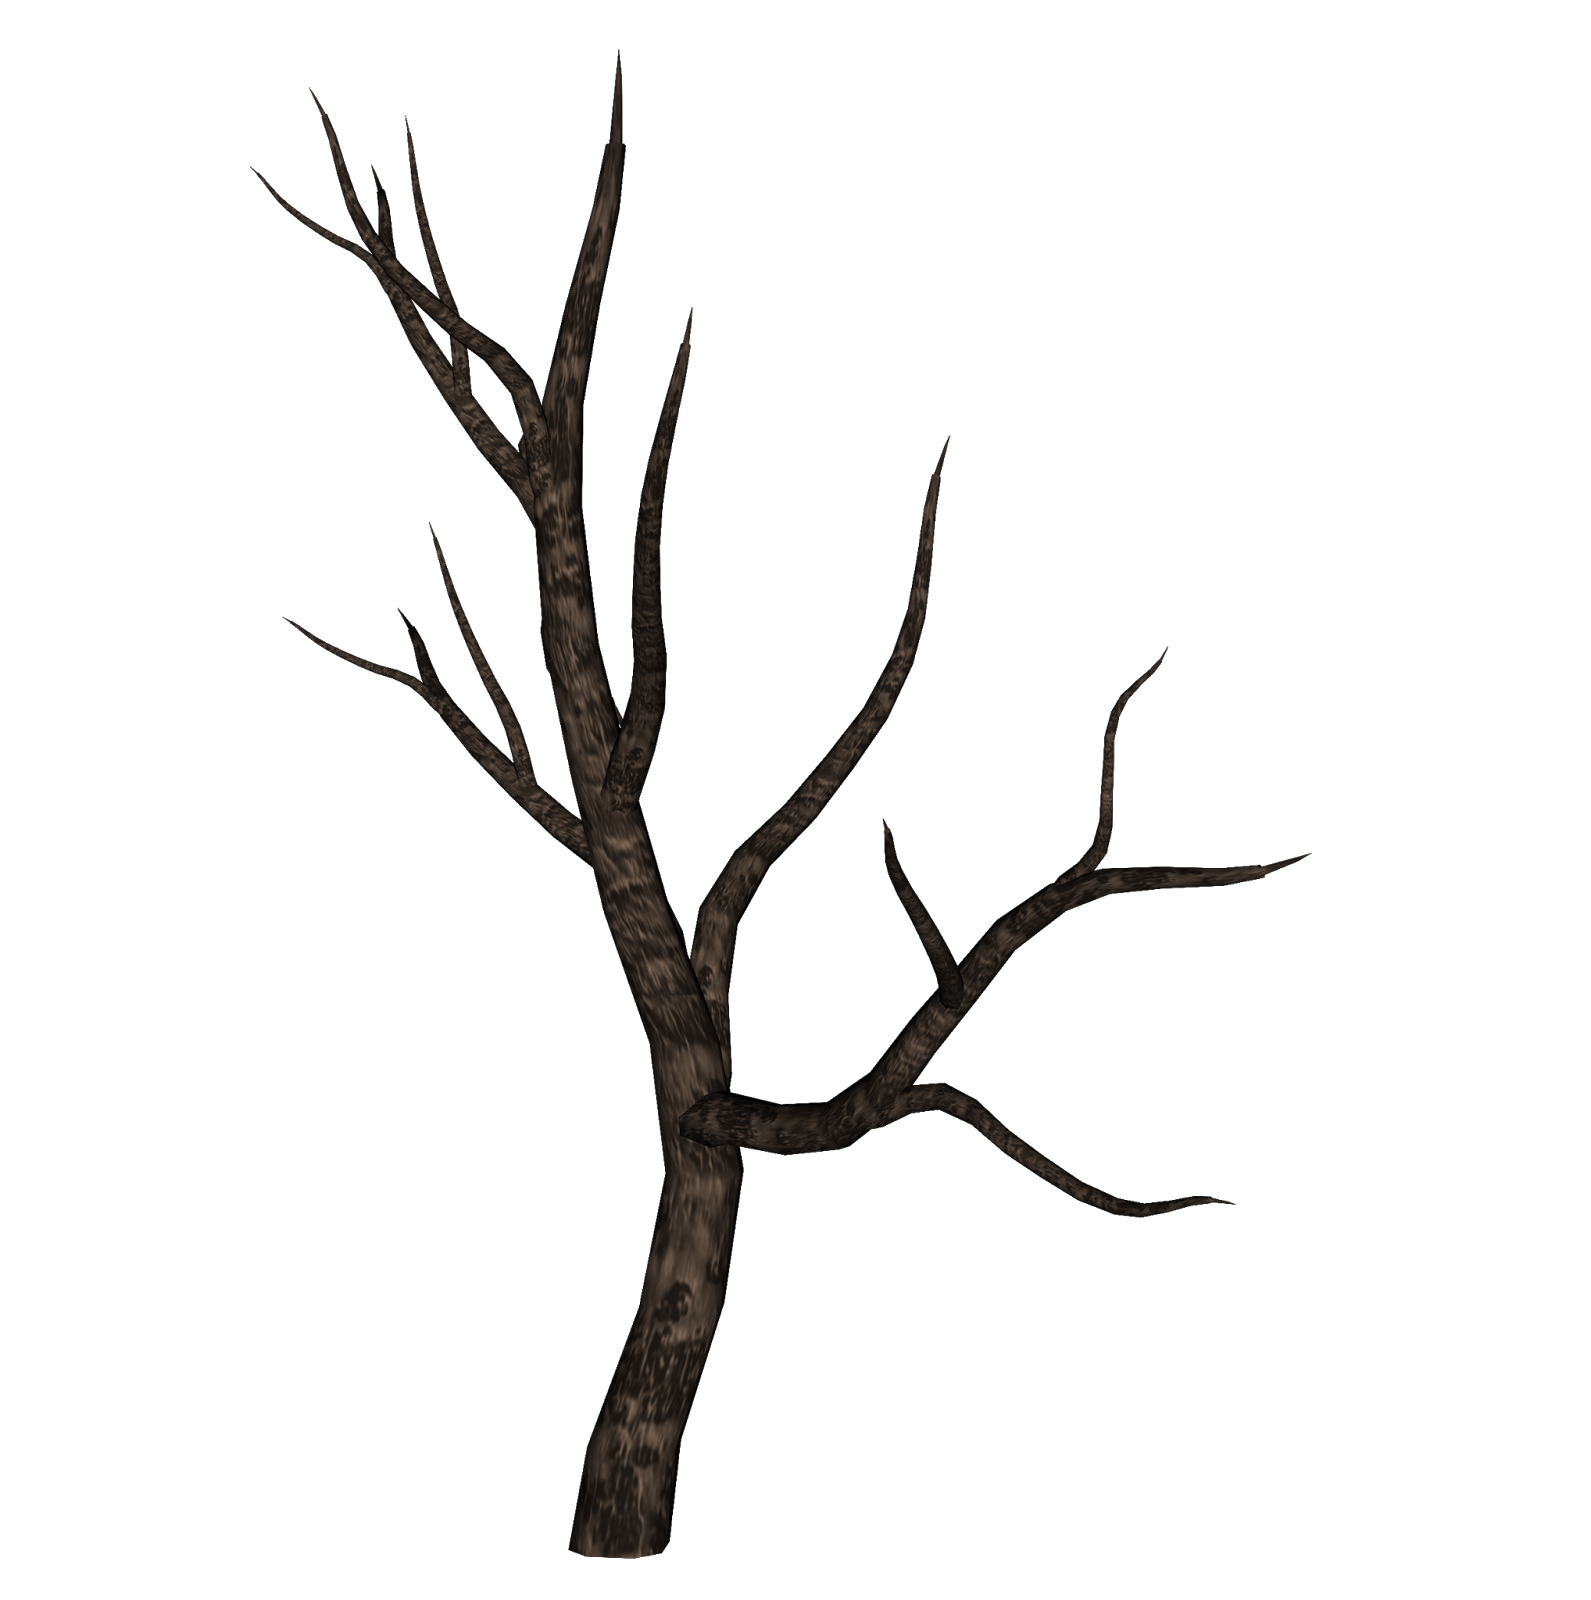 Осенние деревья ветка картинки могут иметь